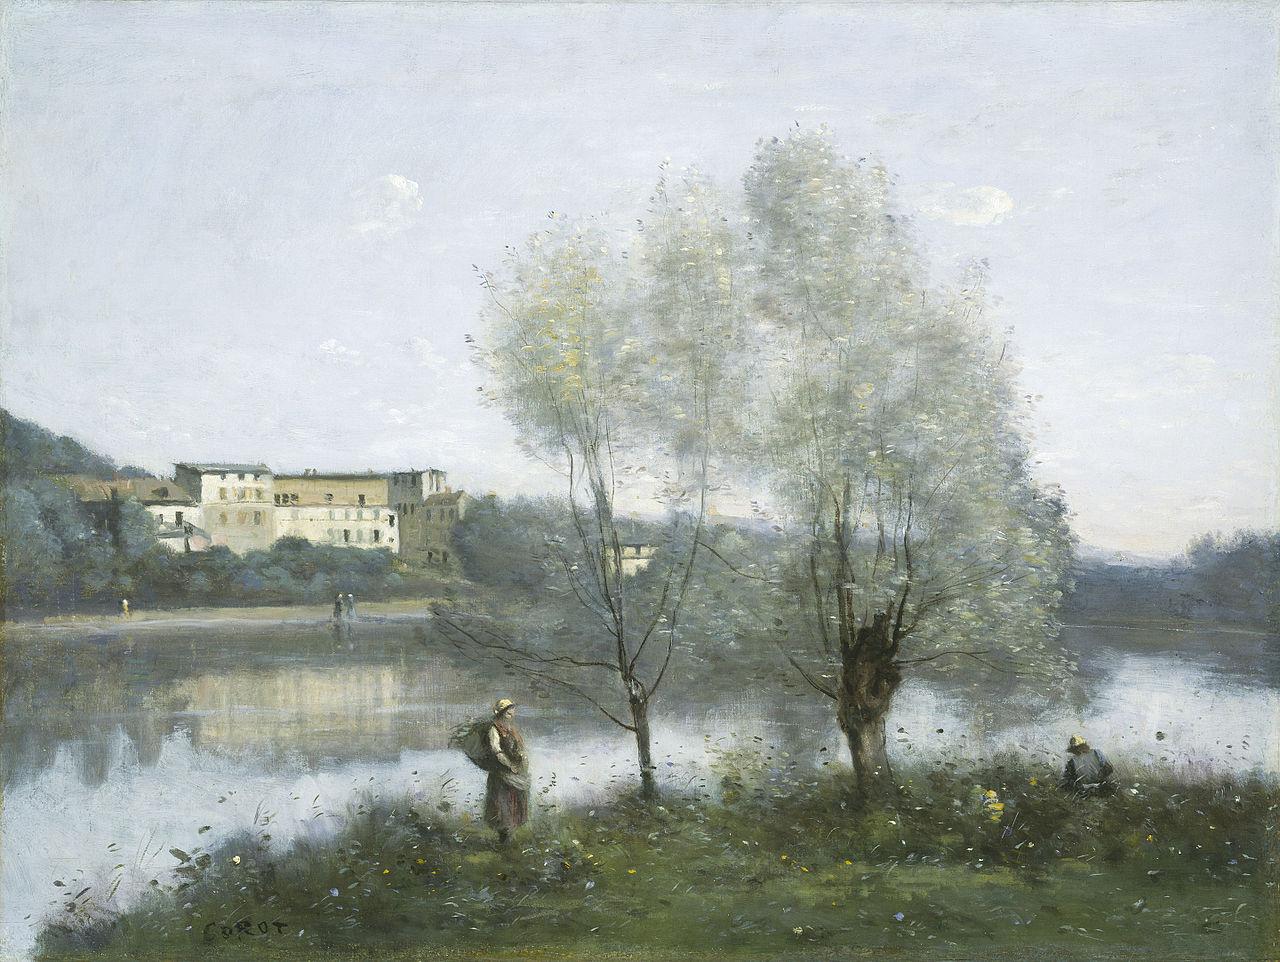 Ville d'Avray, Corot